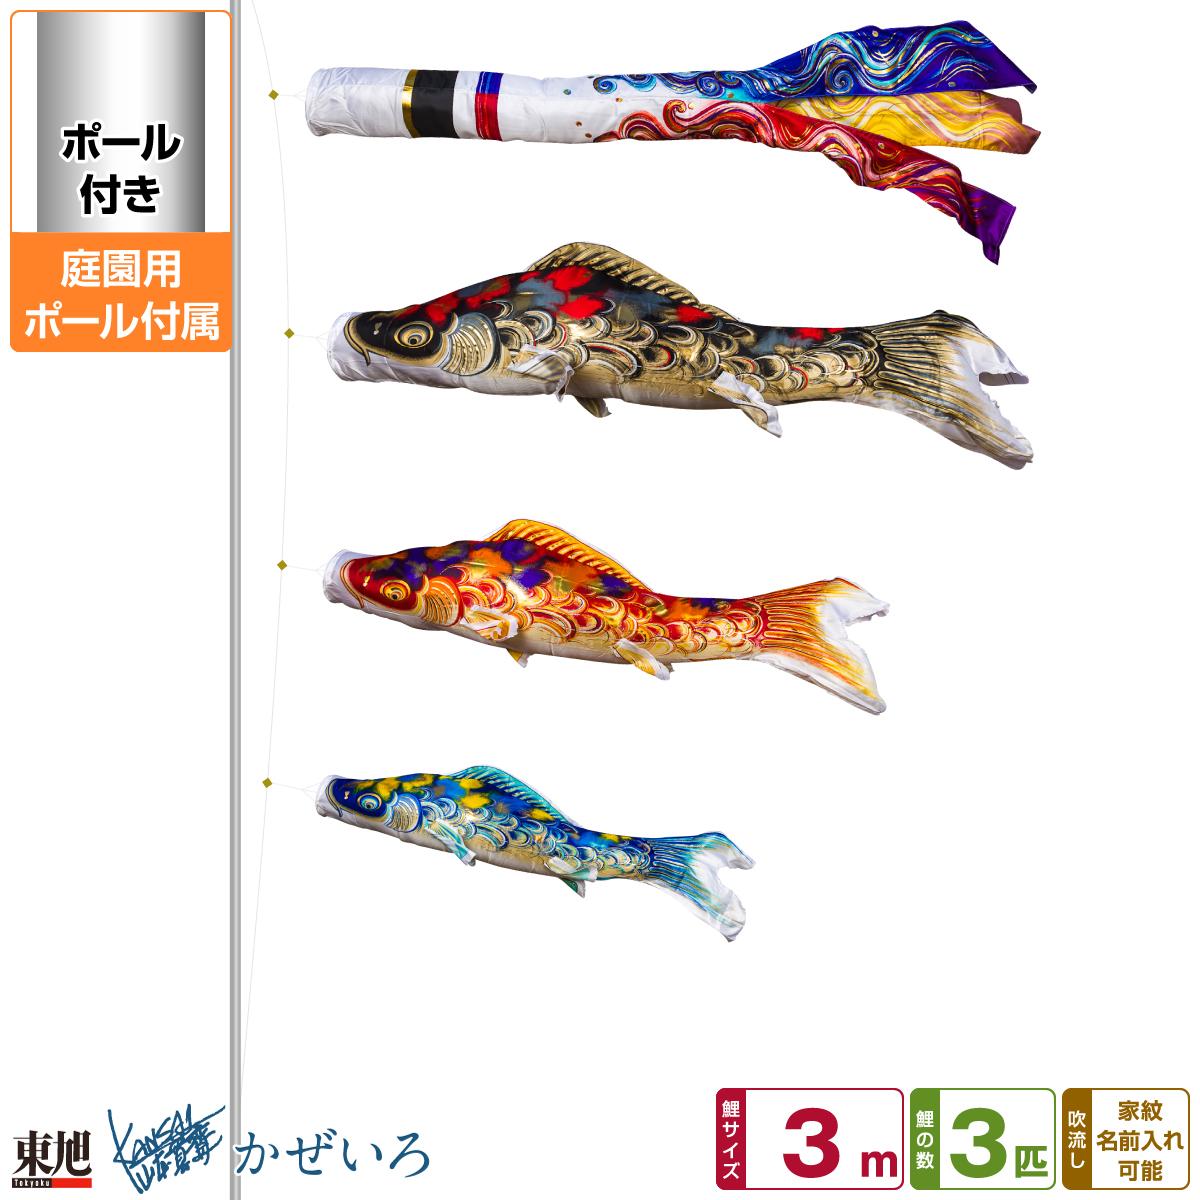 庭園用 こいのぼり 鯉のぼり 東旭 山本寛斎デザインの鯉のぼり かぜいろ 3m 6点セット(吹流し+鯉3匹+矢車+ロープ) 庭園 ポール付属 ガーデンセット